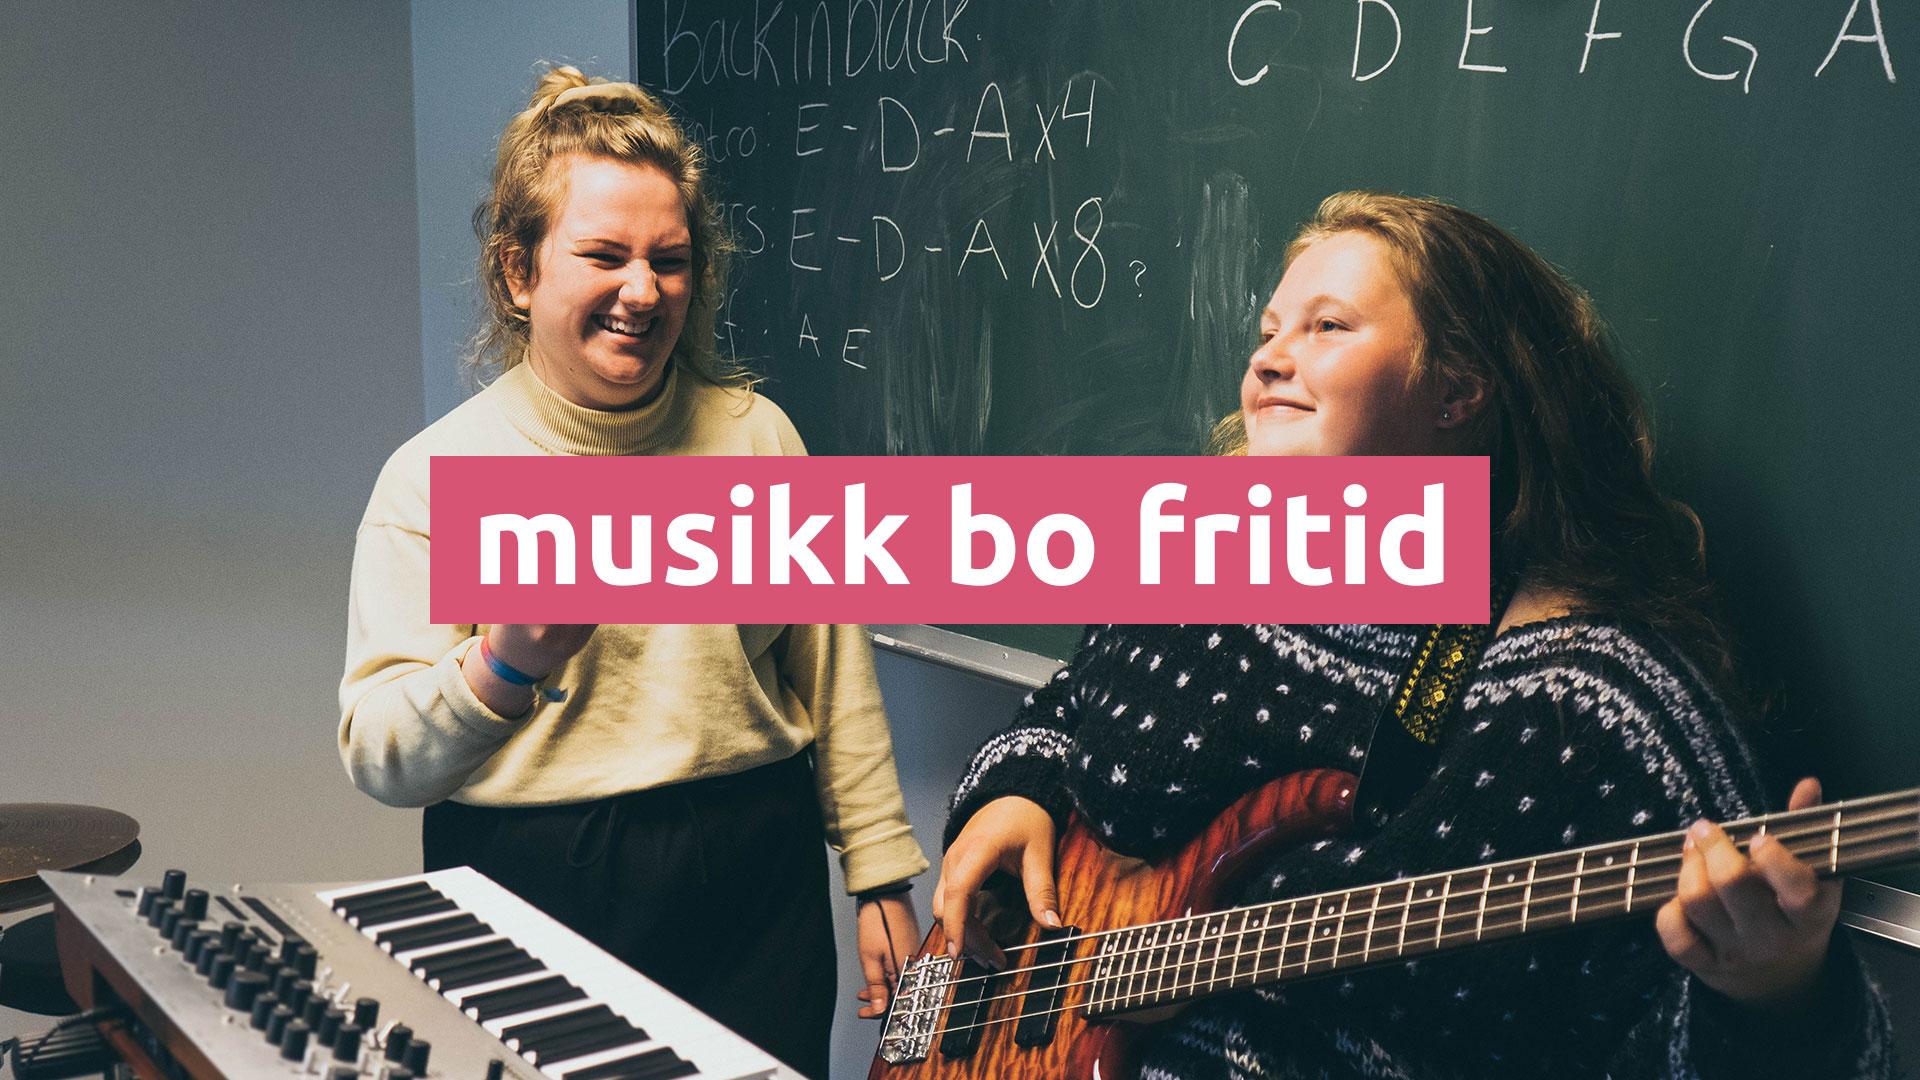 MusikkBoFritid